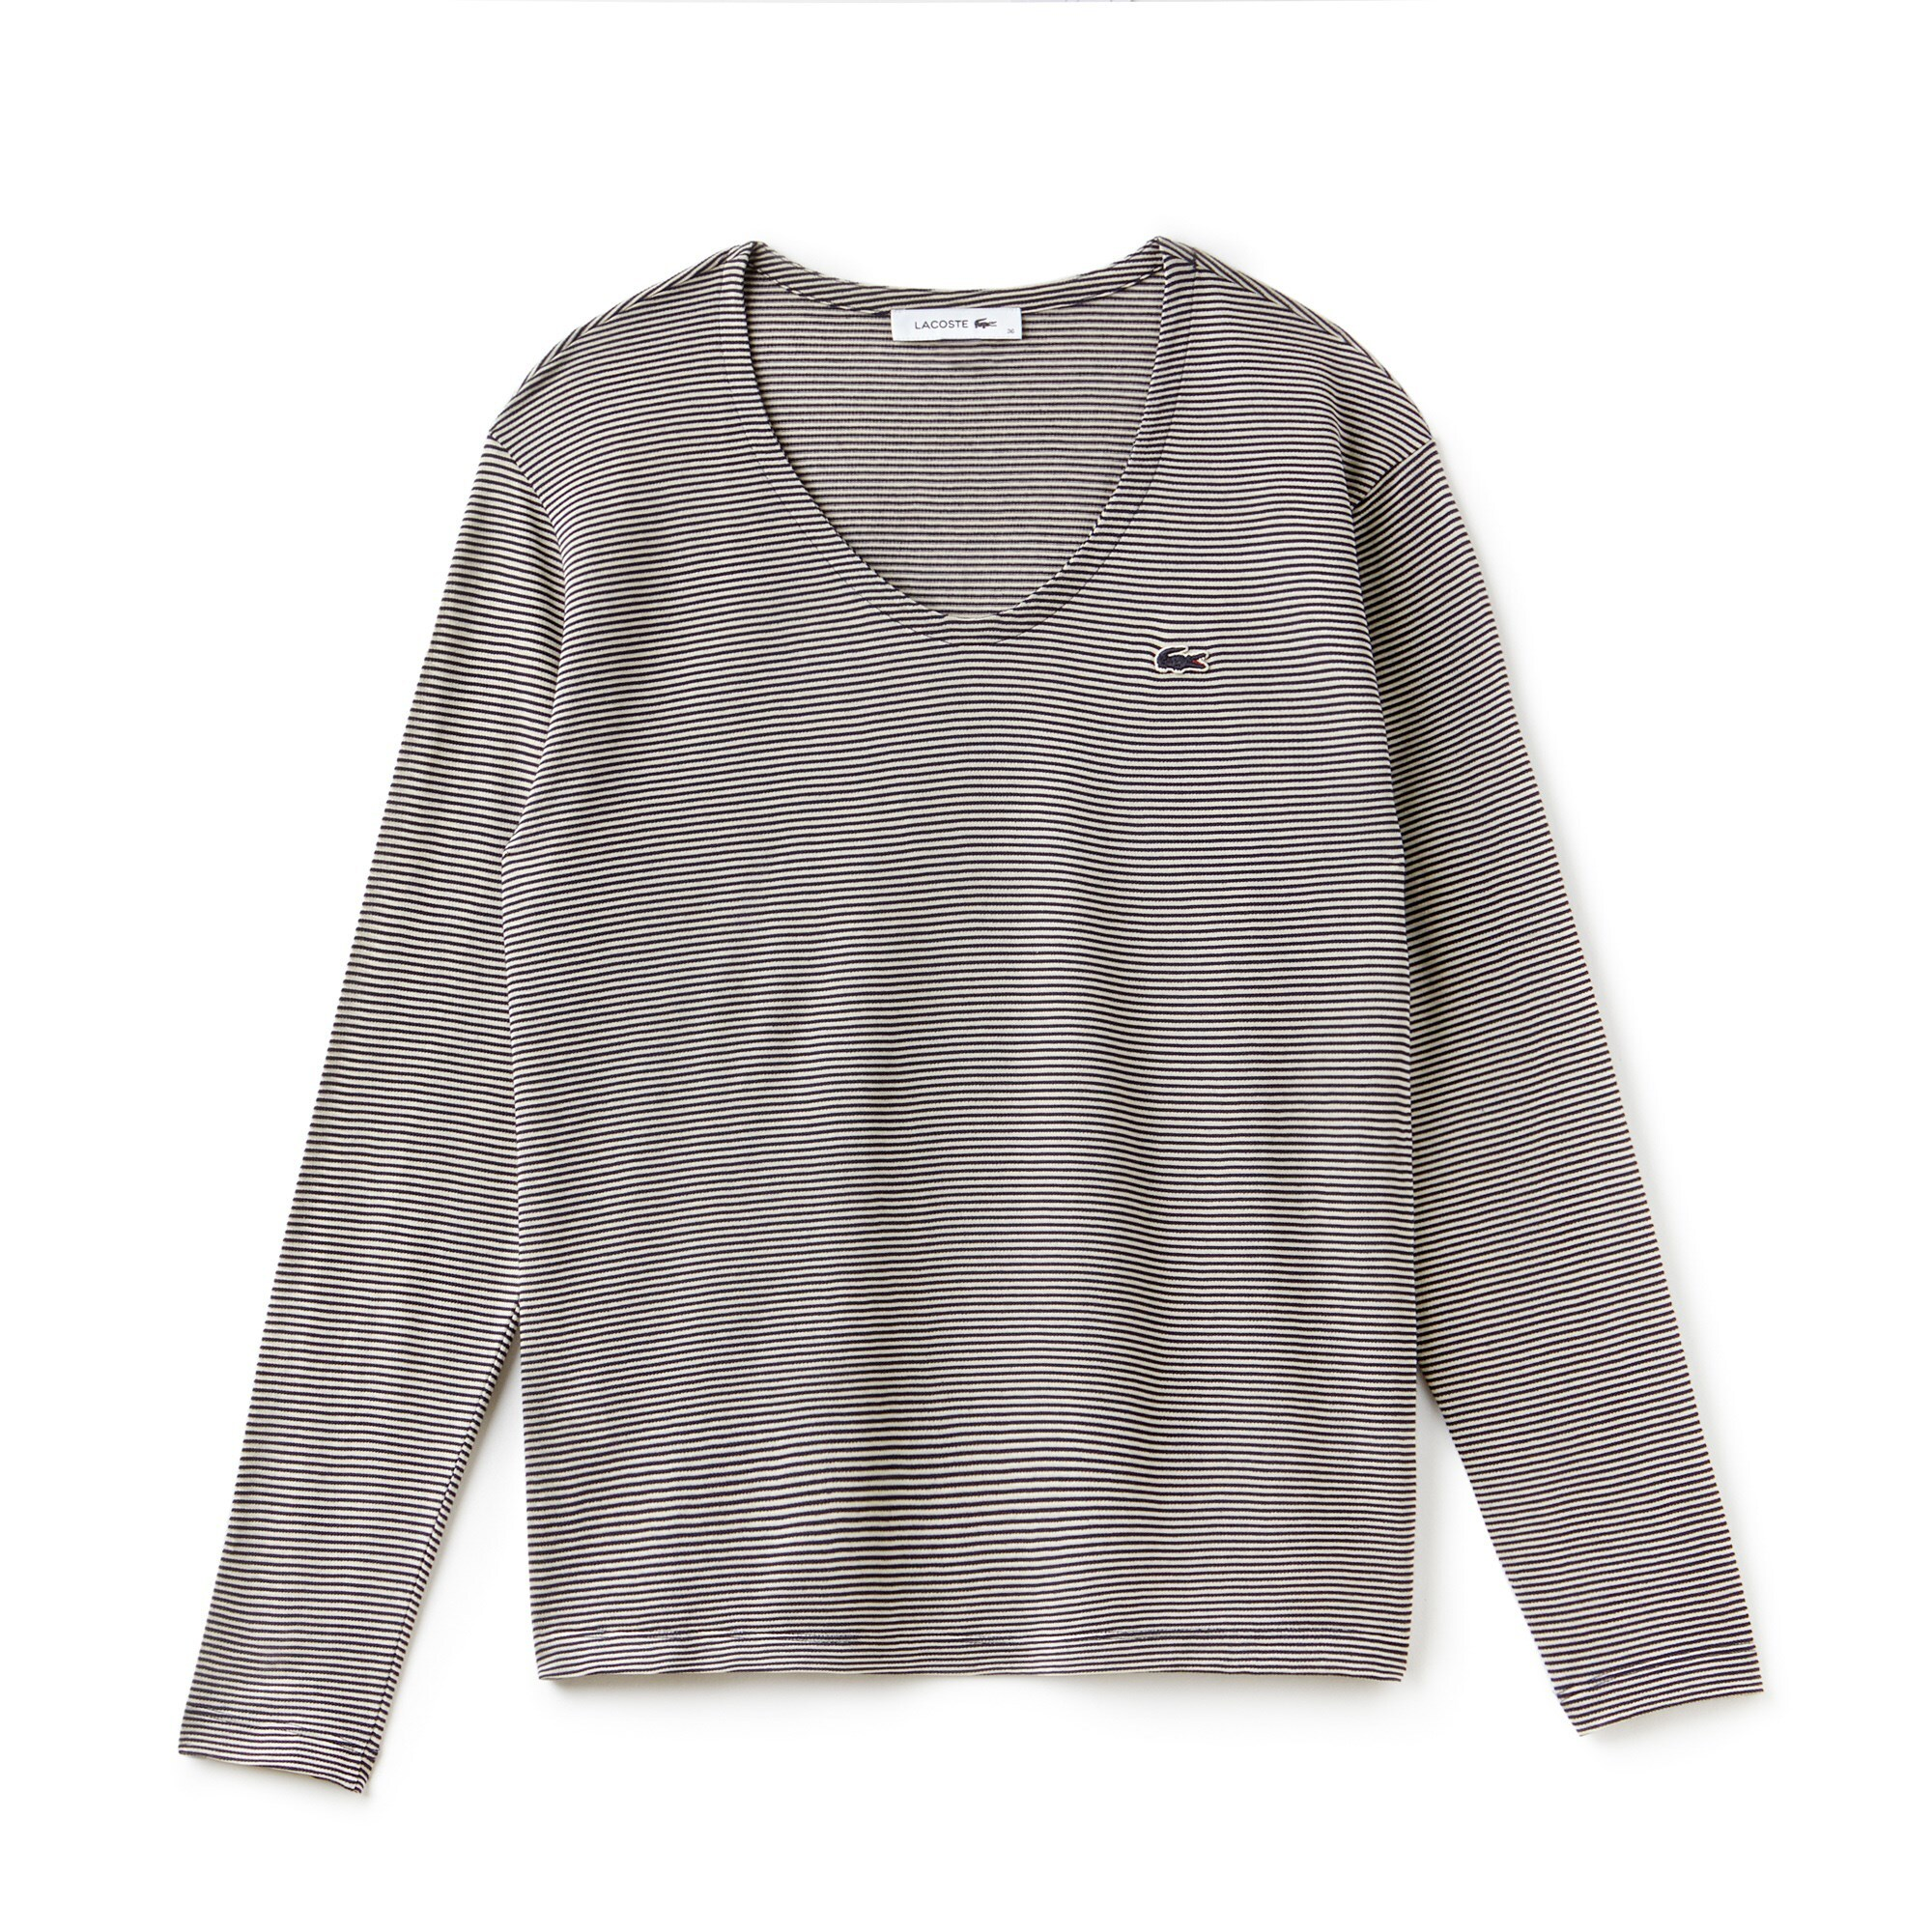 Damen-T-Shirt aus Ottoman-Jersey mit Nadelstreifen